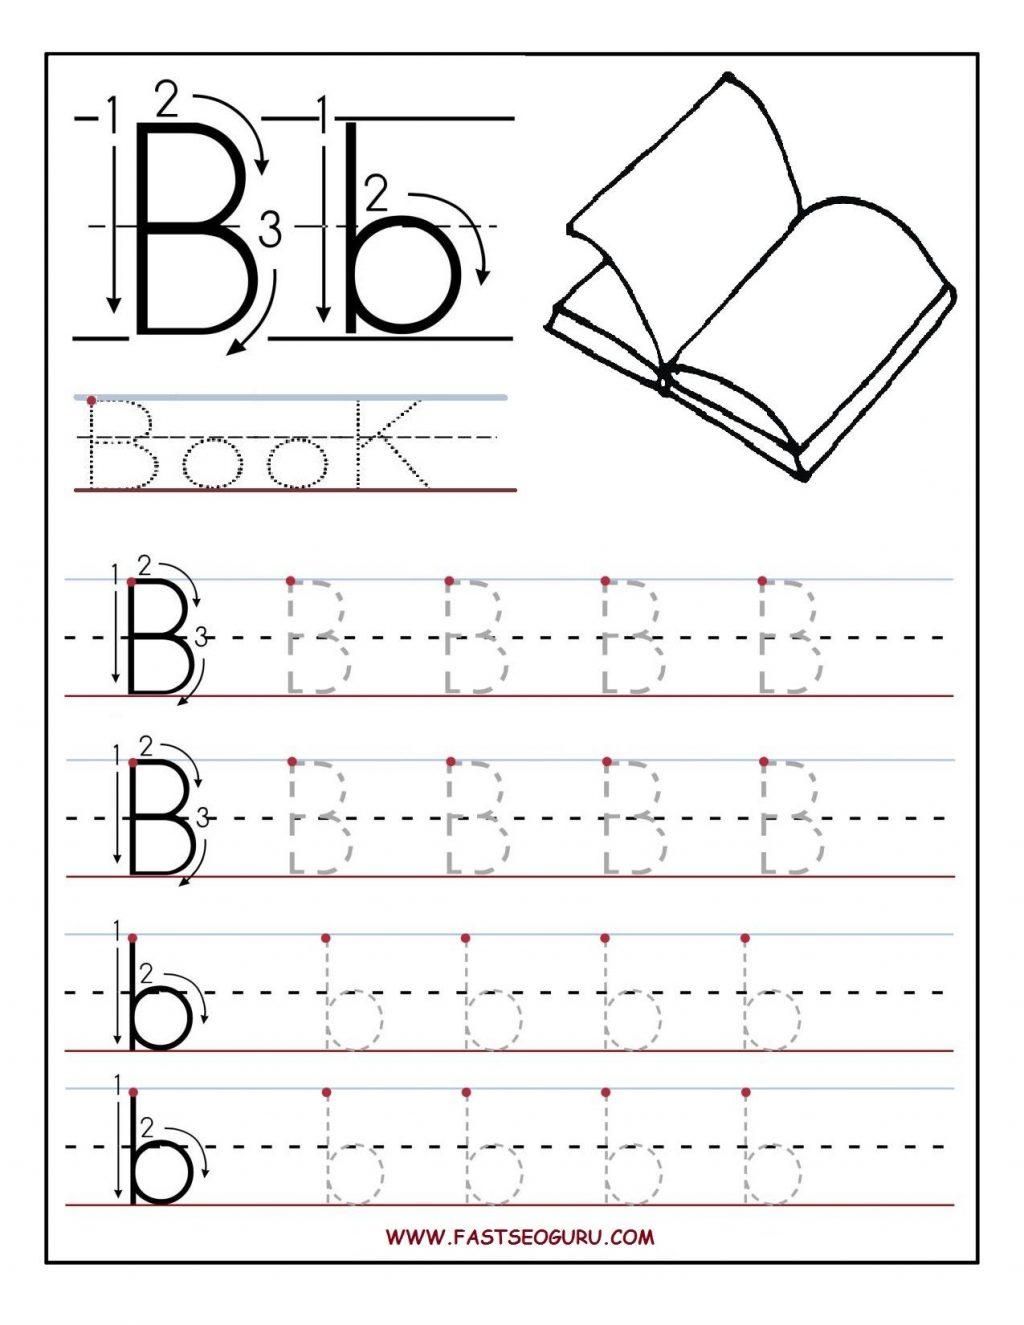 Worksheet ~ Freereschool Workbooks Worksheetrintable Letter